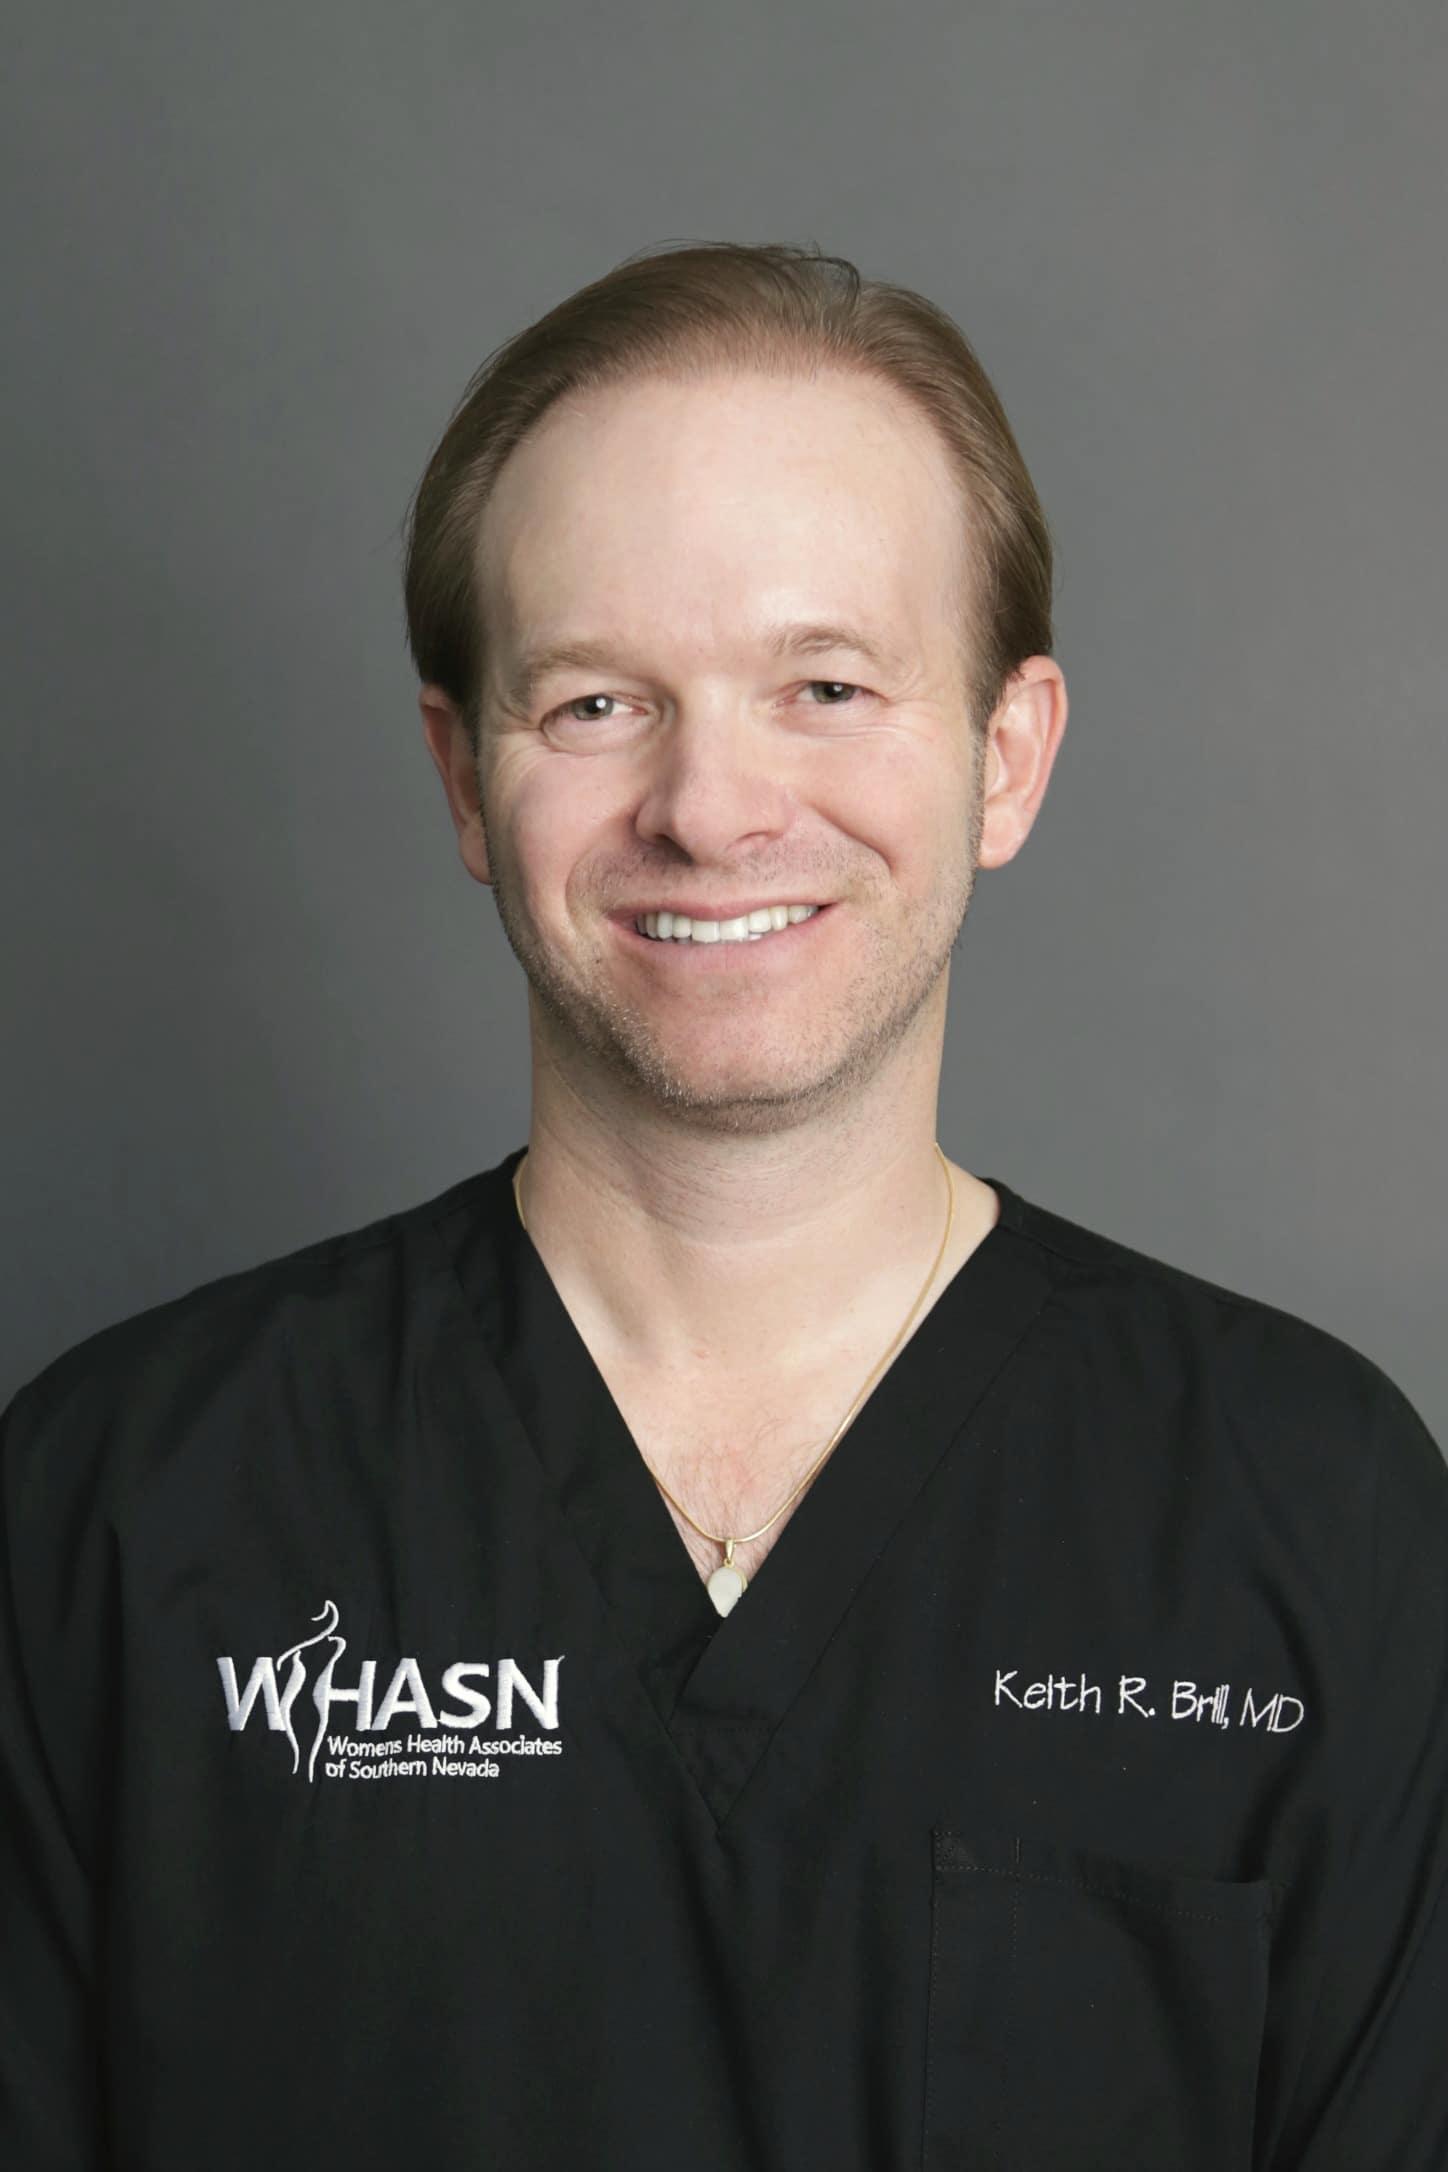 Keith Brill, MD, FACOG